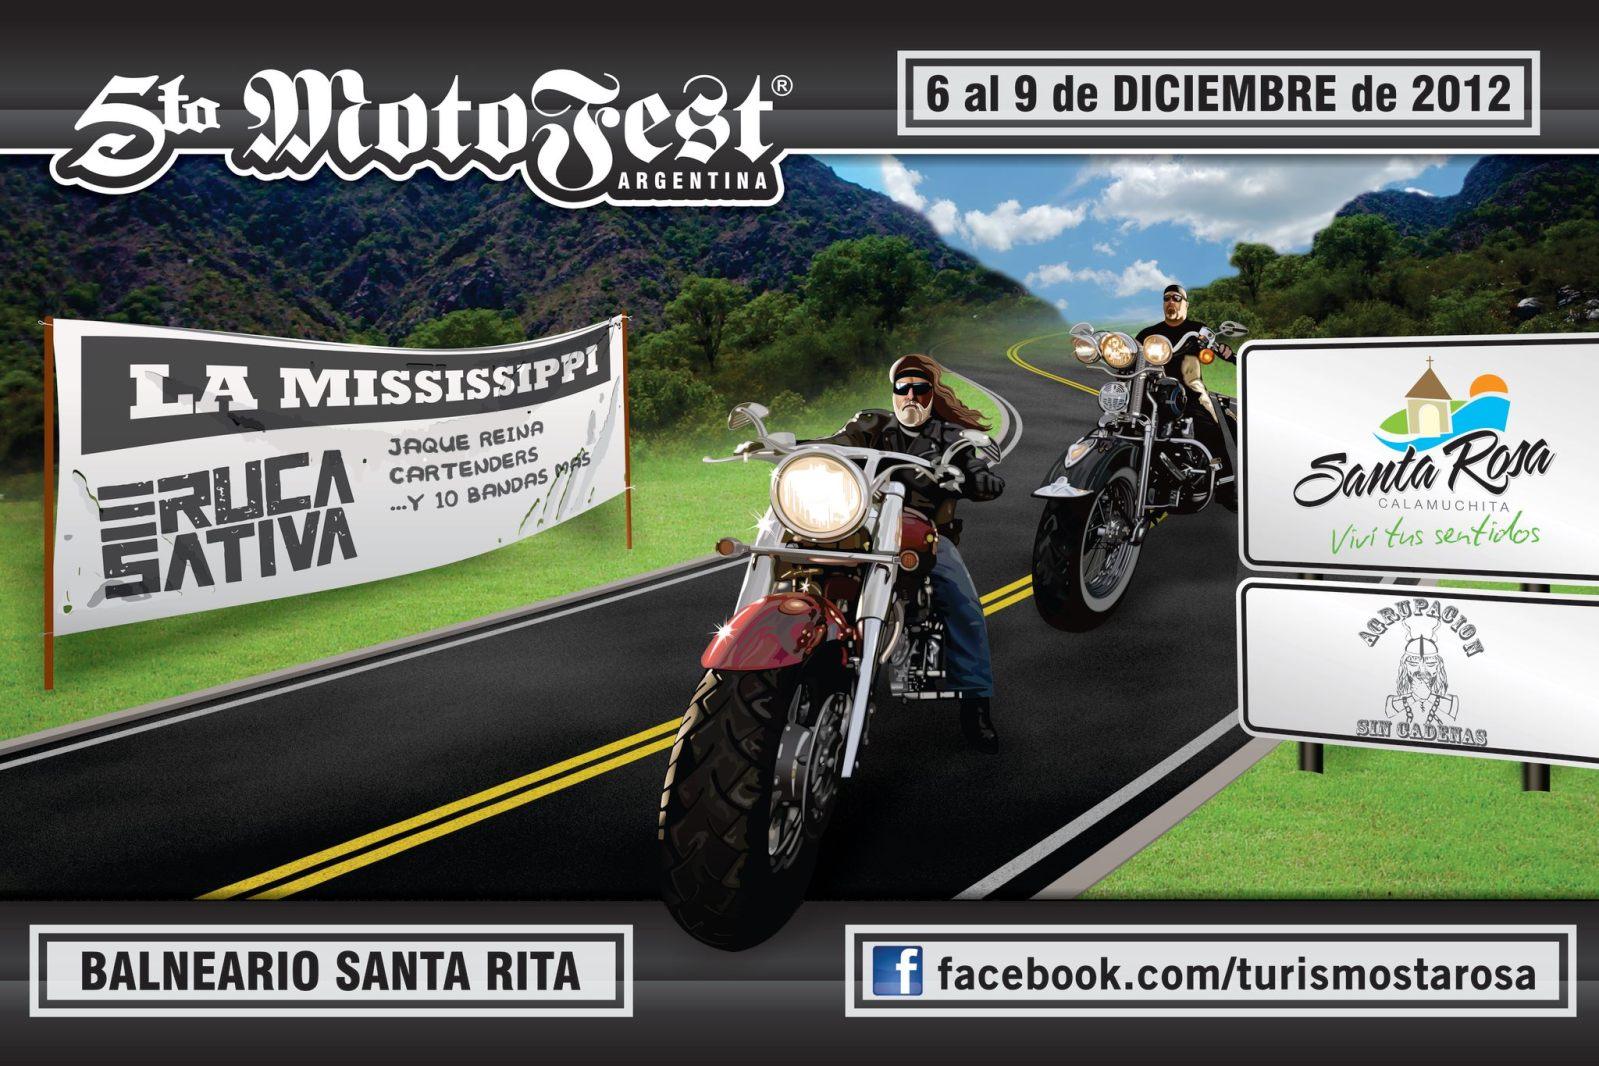 Motofest en Santa Rosa de Calamuchita de 6 al 9 de diciembre 2pra15x